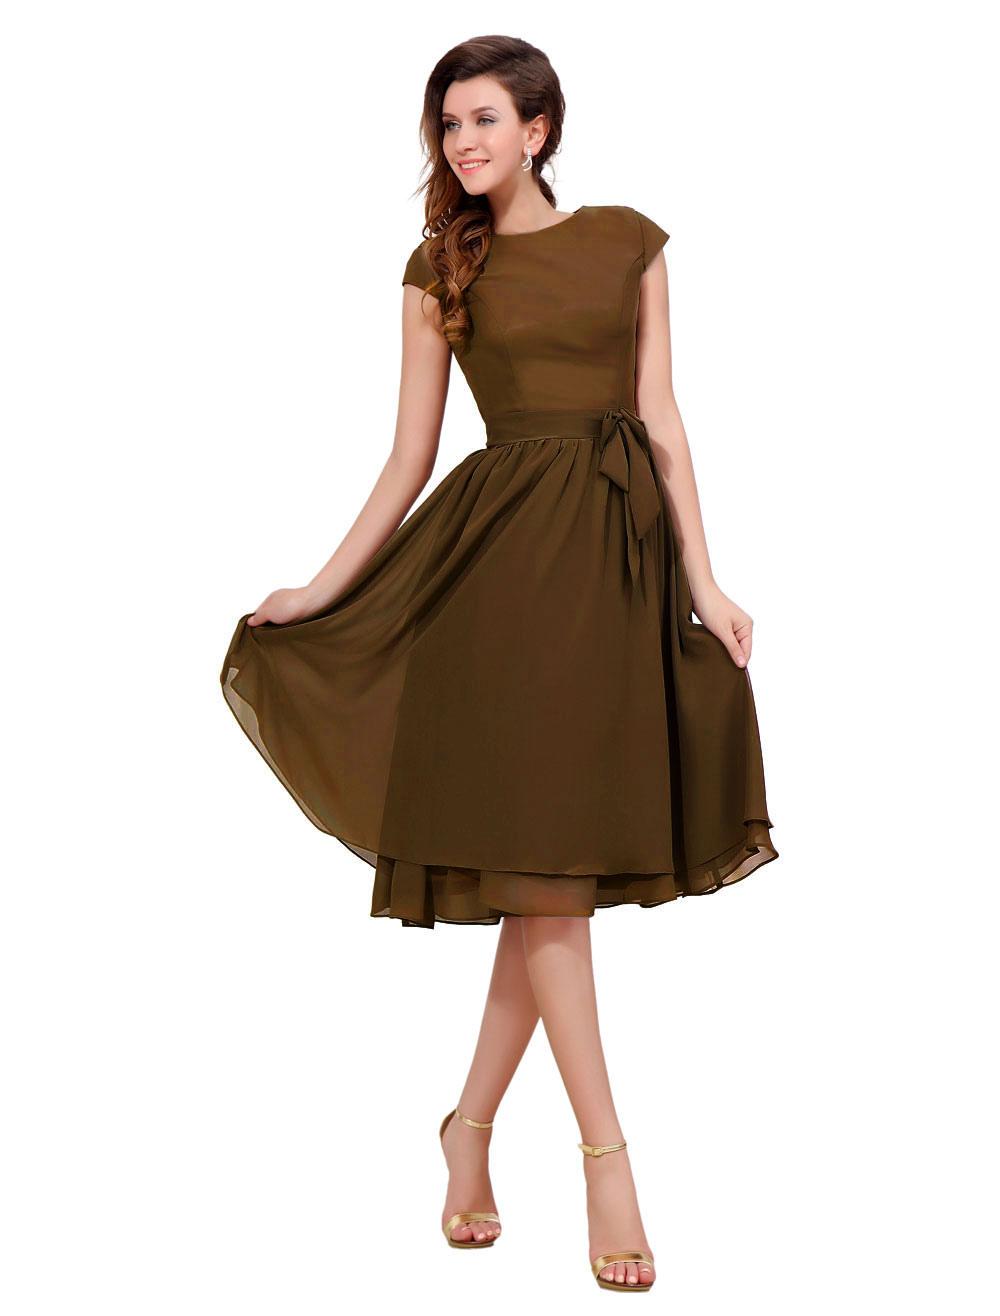 c93d38018bd Abendkleider Chiffon Großhandel Abendkleider Chiffon Online ...